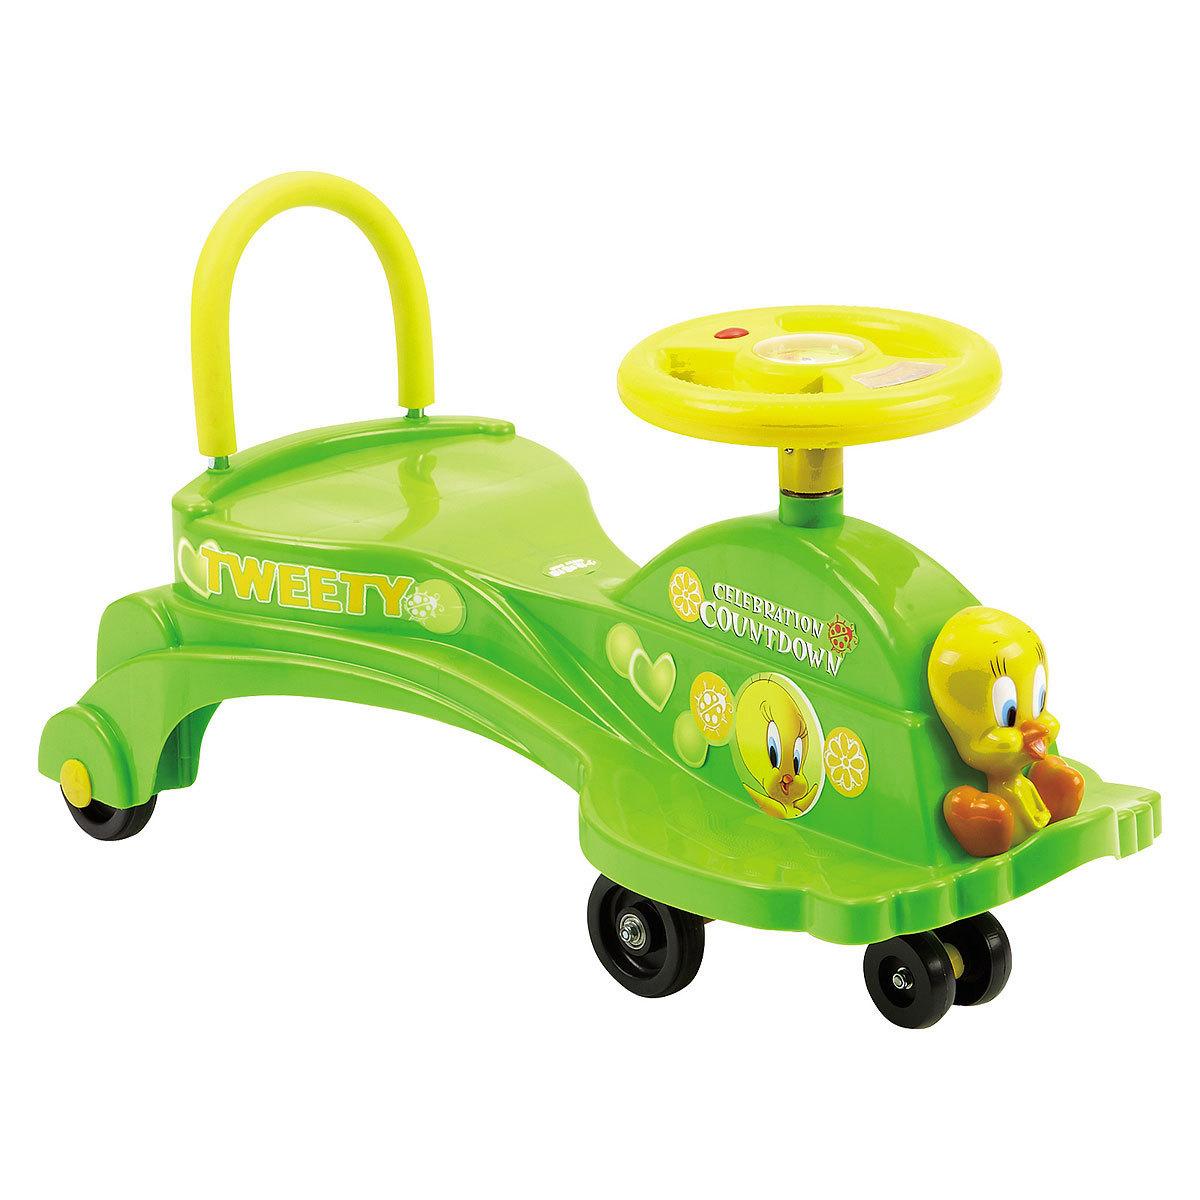 扭扭车_小龙哈彼可靠式儿童扭扭车 ln405